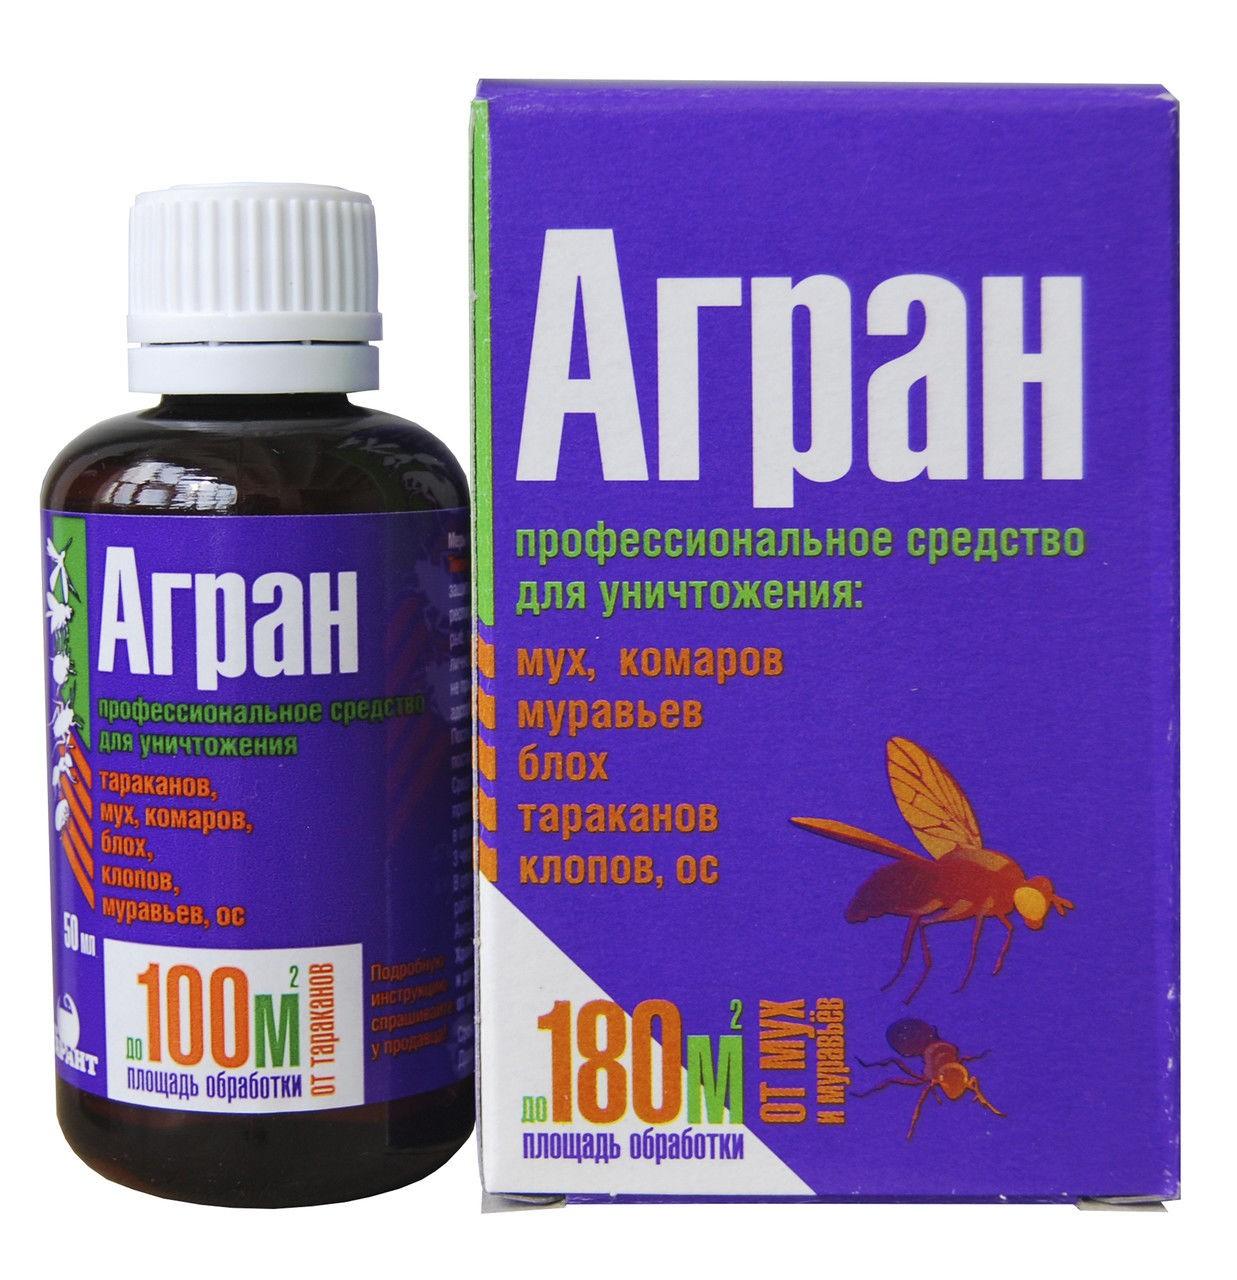 dezinfektsiya-kleshha-foto-video-obrabotka-uchastka-i-metody-zashhity-ot-kleshhej-13